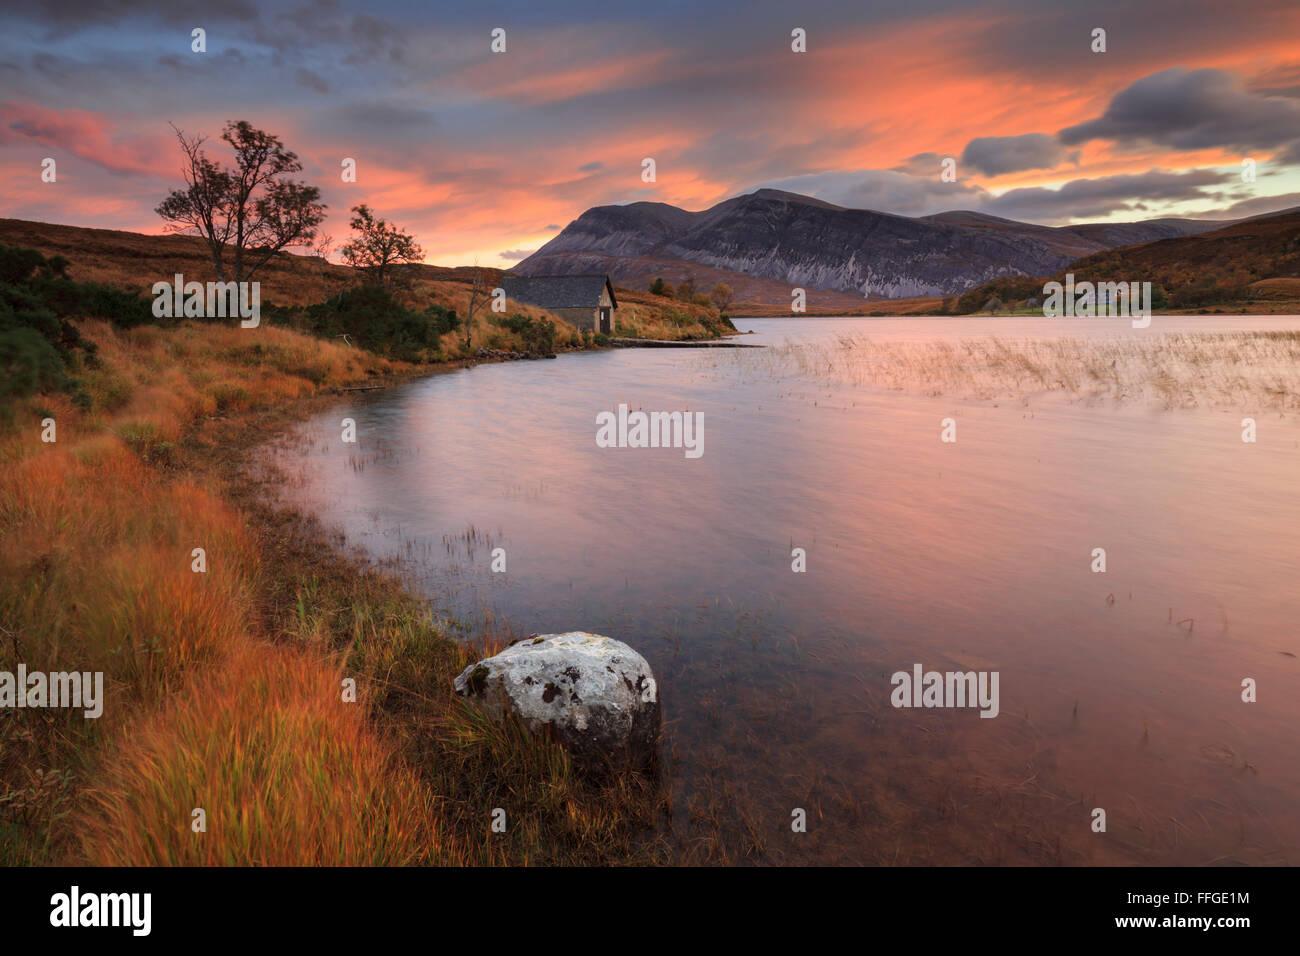 Das Bootshaus am Südende des Loch-Stacks in der North West Highlands von Schottland, gefangen bei Sonnenaufgang Stockbild